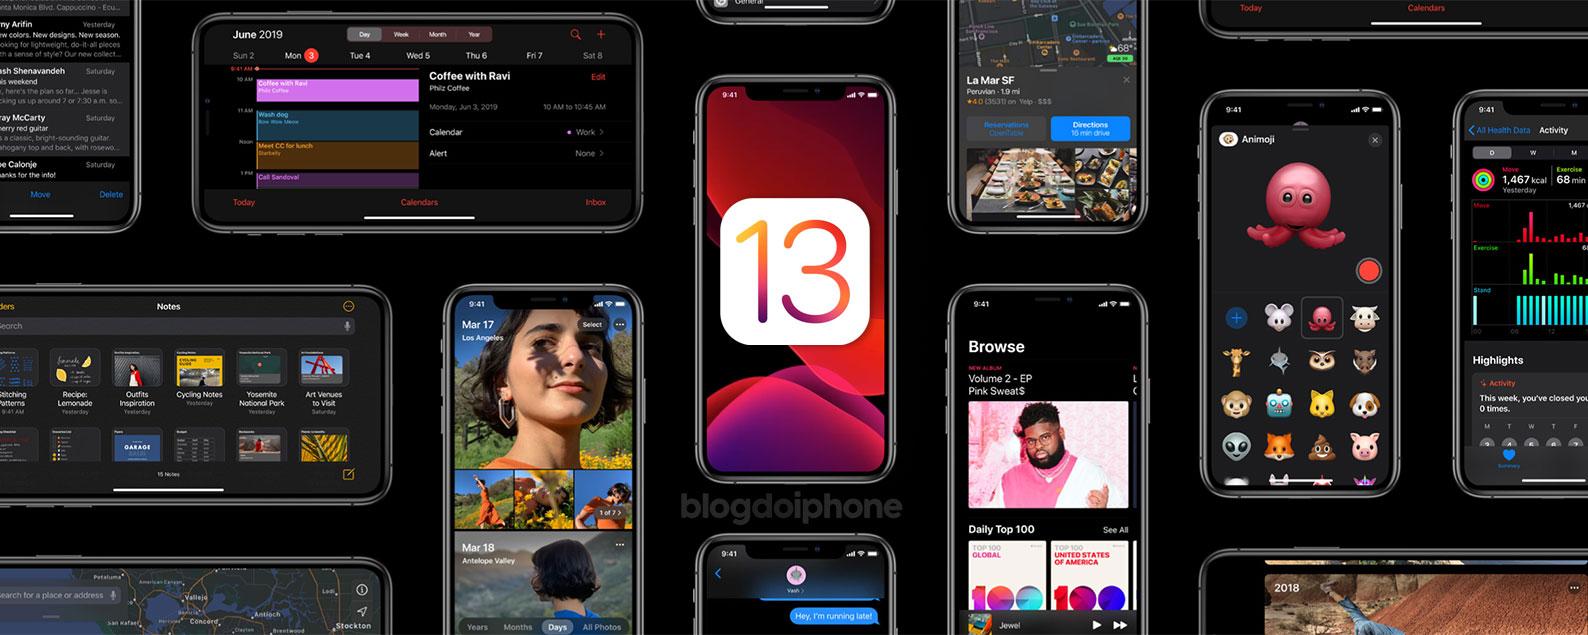 iOS 13: confira a lista completa com todas as novidades do novo sistema